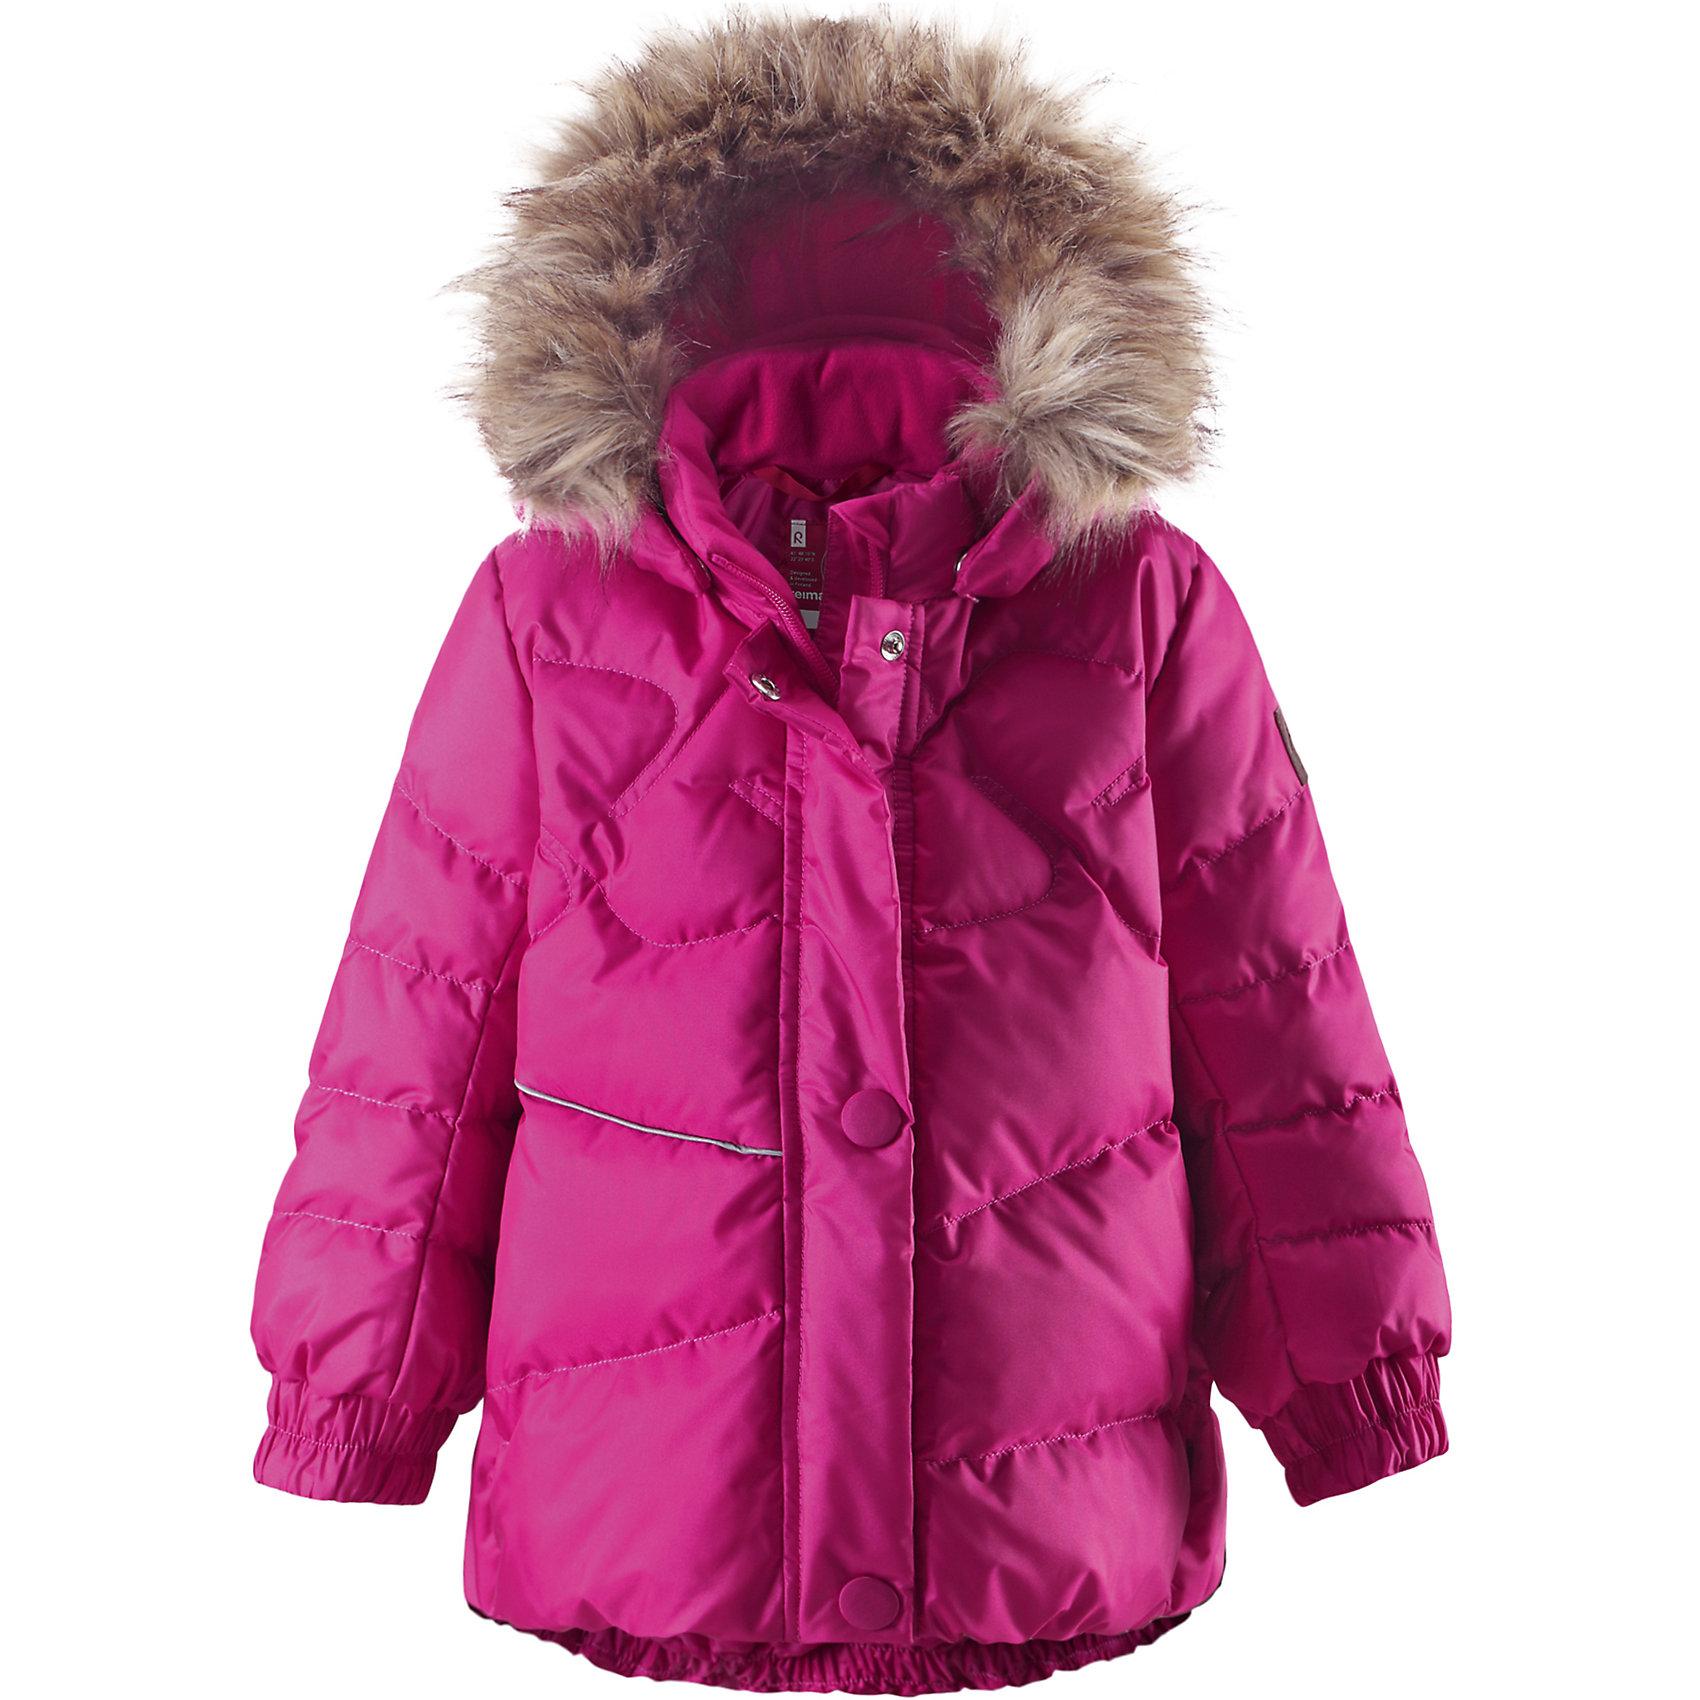 Куртка для девочки ReimaКуртка для девочки Reima<br>Пуховая куртка для малышей. Водоотталкивающий, ветронепроницаемый, «дышащий» и грязеотталкивающий материал. Крой для девочек. Гладкая подкладка из полиэстра. В качестве утеплителя использованы пух и перо (60%/40%). Безопасный съемный капюшон с отсоединяемой меховой каймой из искусственного меха. Эластичные манжеты. Присобранный подол. Регулируемый подол. Два кармана на молнии. Безопасные светоотражающие детали. Петля для дополнительных светоотражающих деталей.<br>Уход:<br>Стирать по отдельности, вывернув наизнанку. Перед стиркой отстегните искусственный мех. Застегнуть молнии и липучки. Стирать моющим средством, не содержащим отбеливающие вещества. Полоскать без специального средства. Во избежание изменения цвета изделие необходимо вынуть из стиральной машинки незамедлительно после окончания программы стирки. Барабанное сушение при низкой температуре с 3 теннисными мячиками. Выверните изделие наизнанку в середине сушки.<br>Состав:<br>65% Полиамид, 35% Полиэстер, полиуретановое покрытие<br><br>Ширина мм: 356<br>Глубина мм: 10<br>Высота мм: 245<br>Вес г: 519<br>Цвет: розовый<br>Возраст от месяцев: 18<br>Возраст до месяцев: 24<br>Пол: Женский<br>Возраст: Детский<br>Размер: 92,80,98,86<br>SKU: 4776094